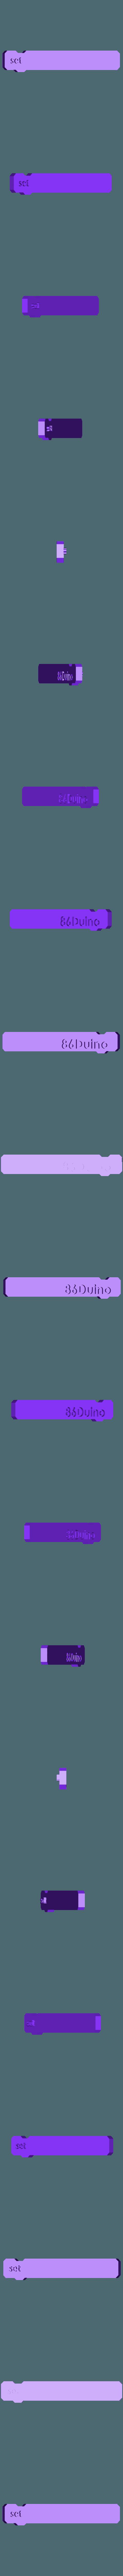 86Scratch-3.STL Download free STL file 86Duino Scratch block • 3D print model, 86Duino